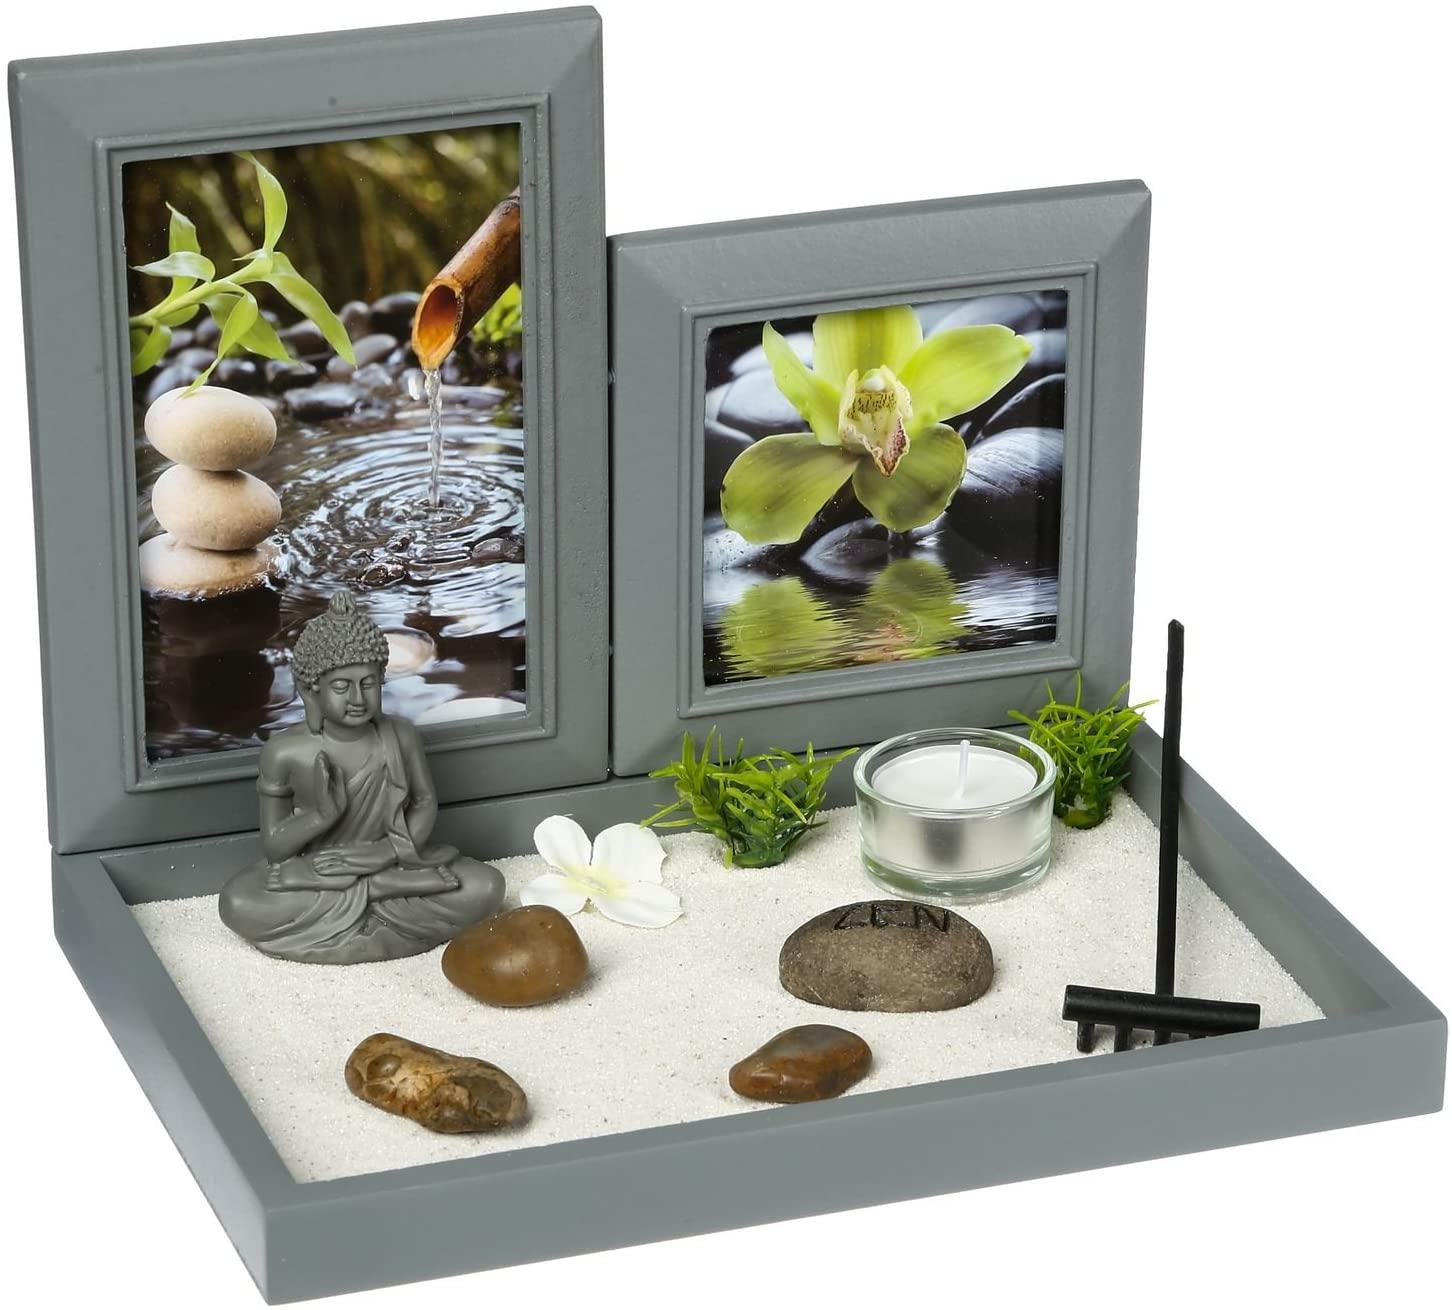 ¡Este jardín zen en miniatura es muy completo!